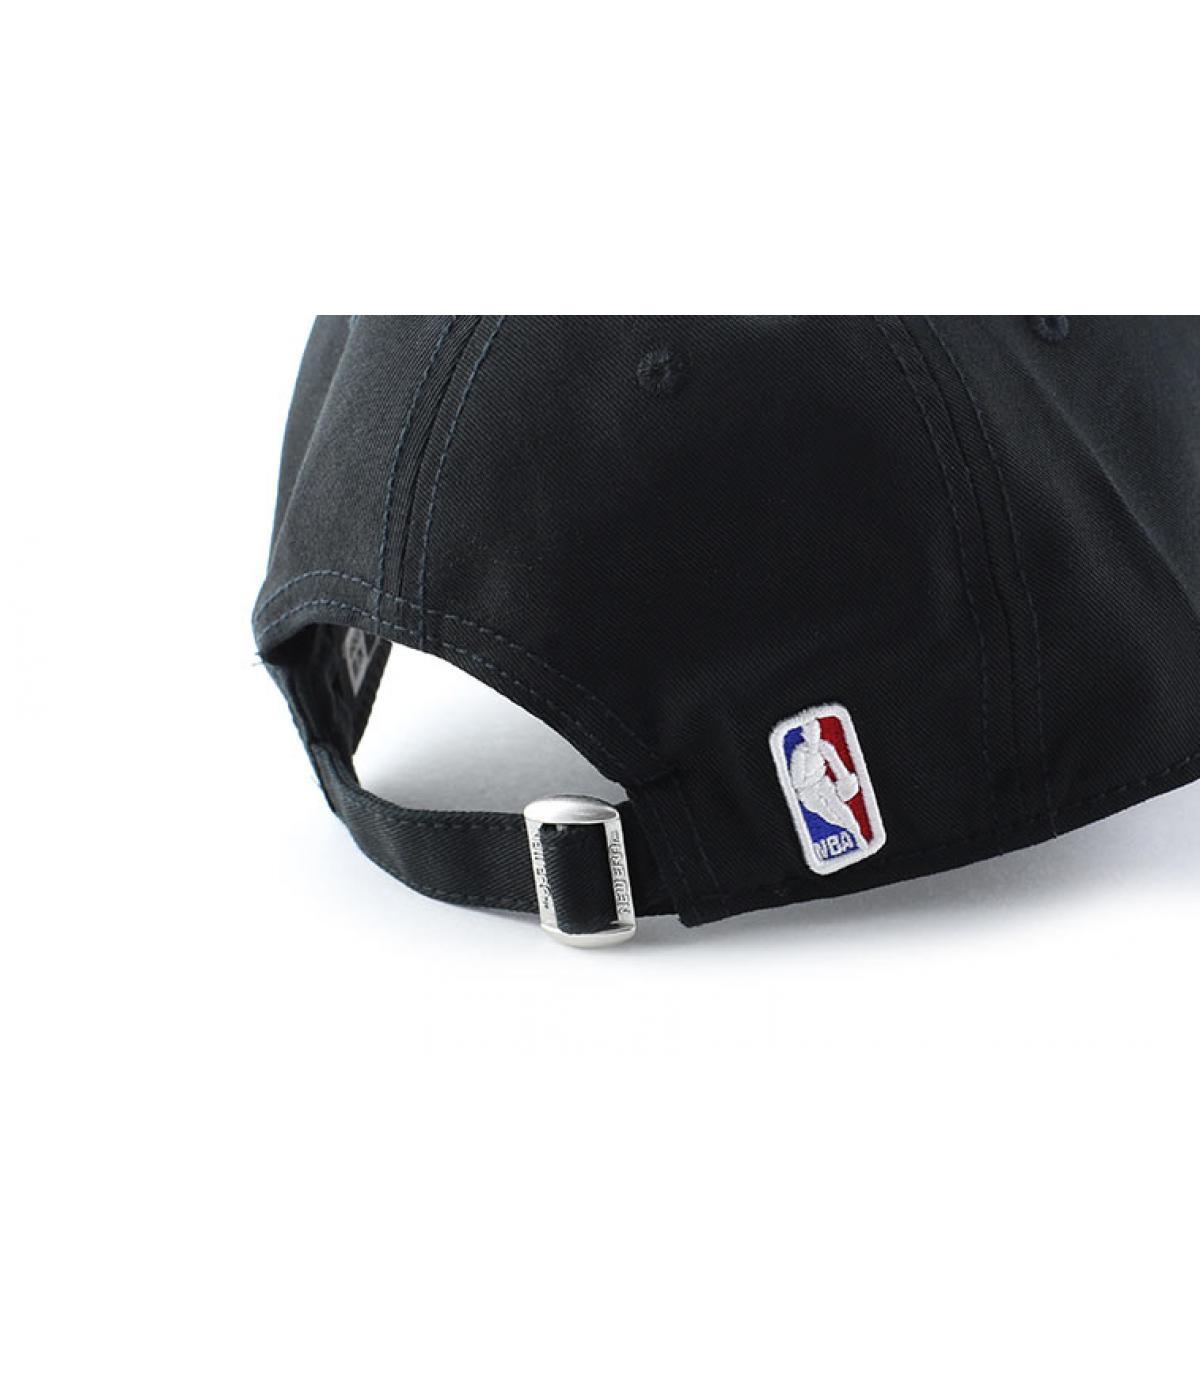 Détails Casquette NBA Team Toronto Raptors - image 5